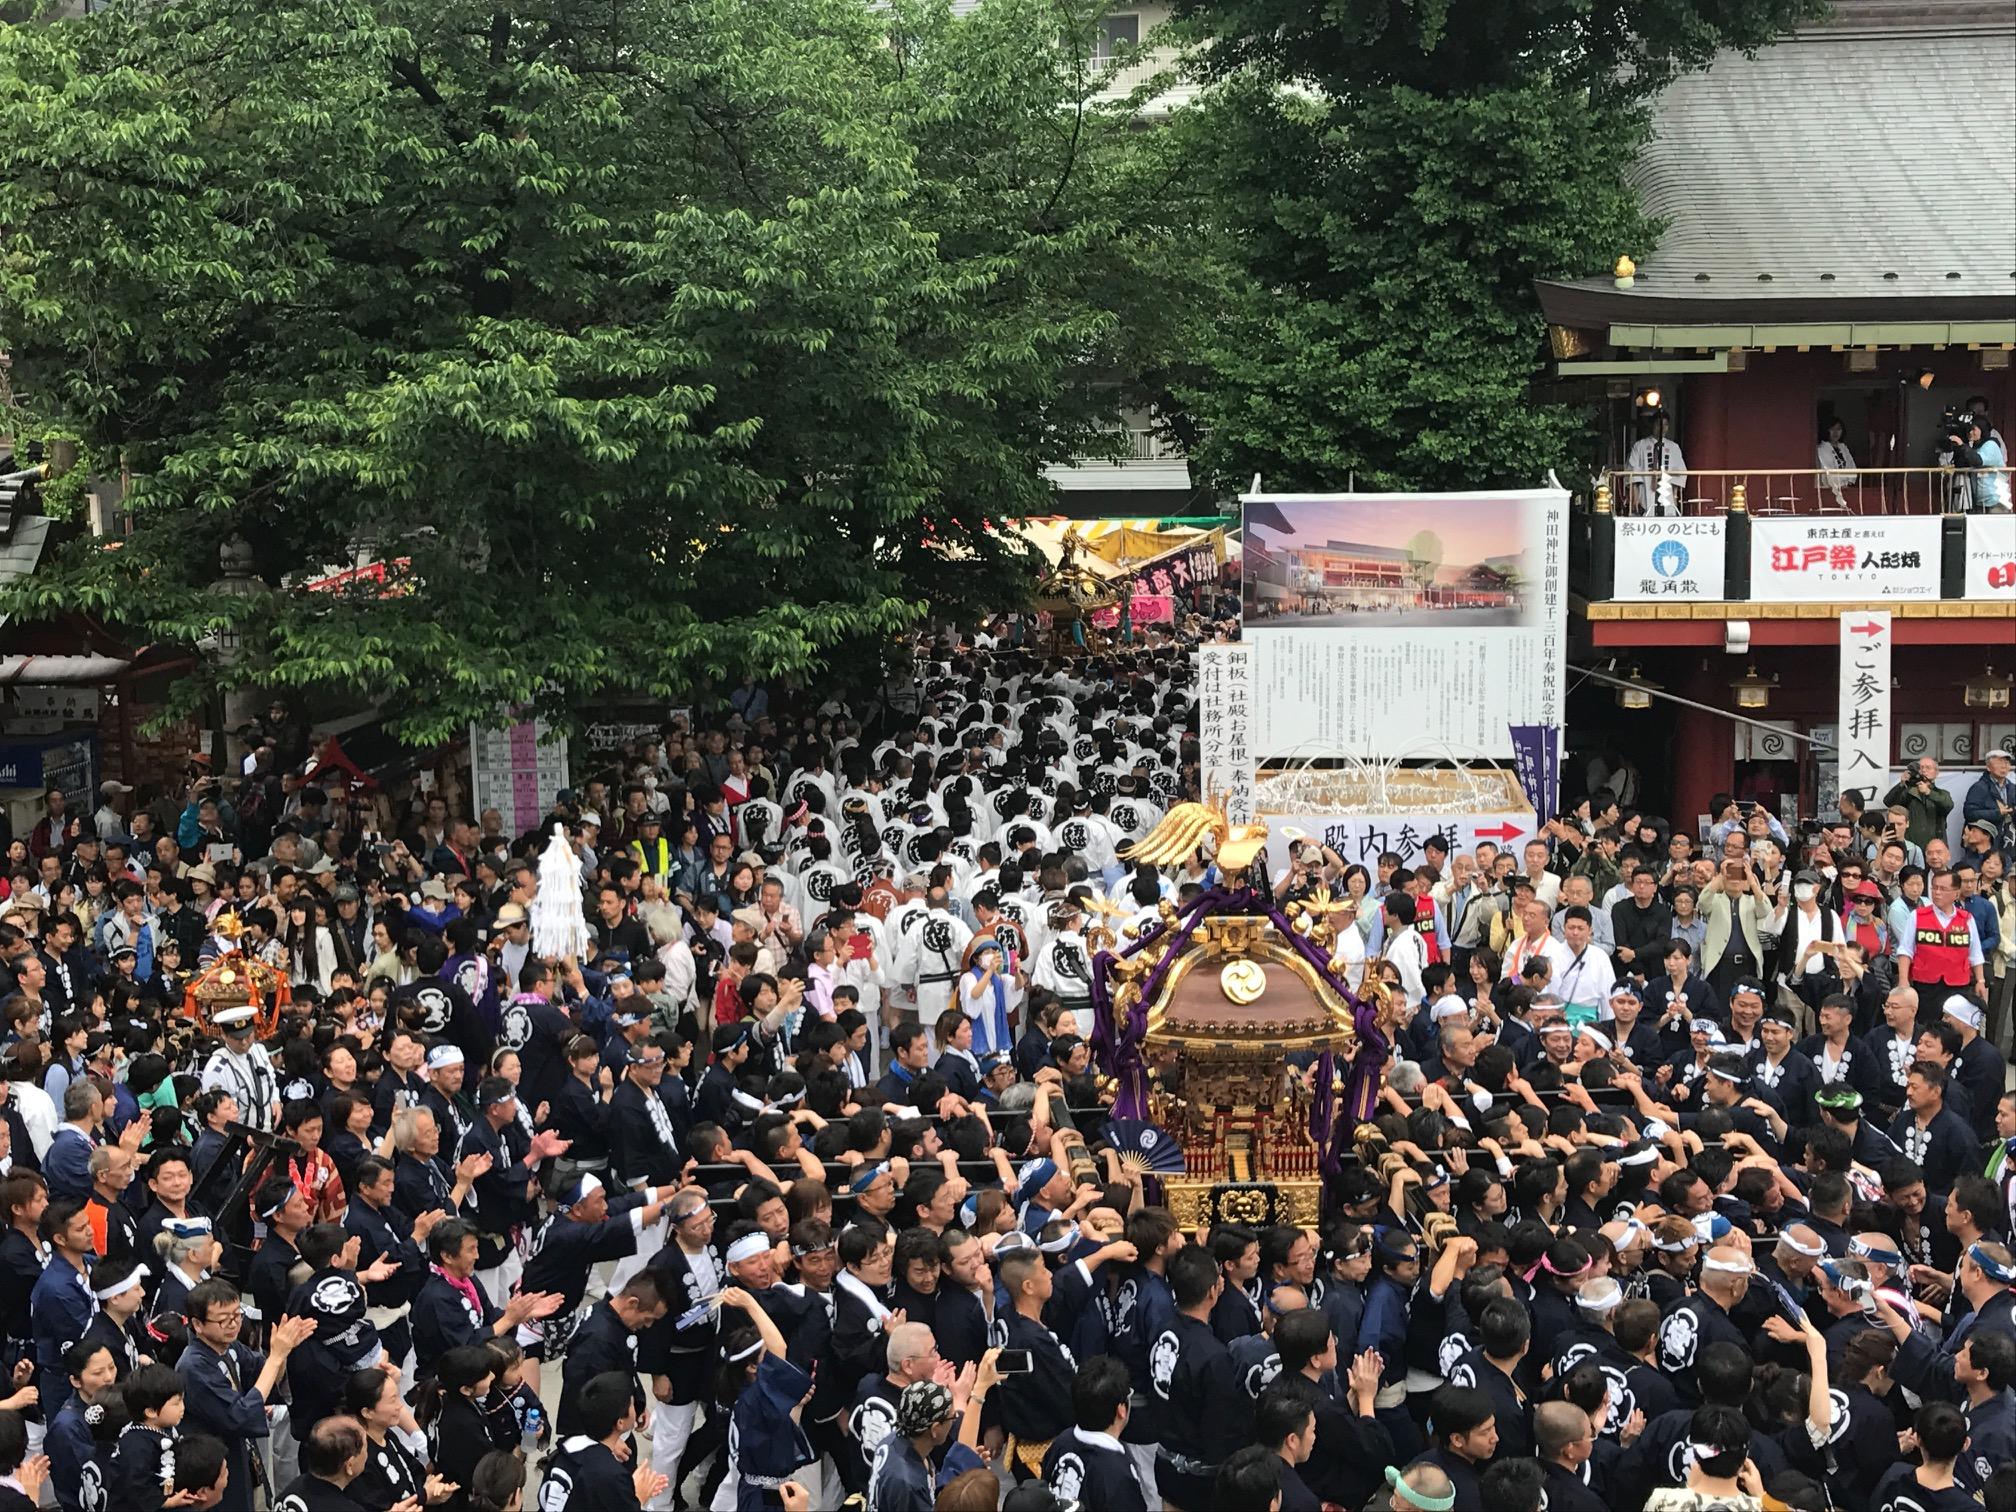 神田祭公式ブログ » 外神田地区連合 宮本町会